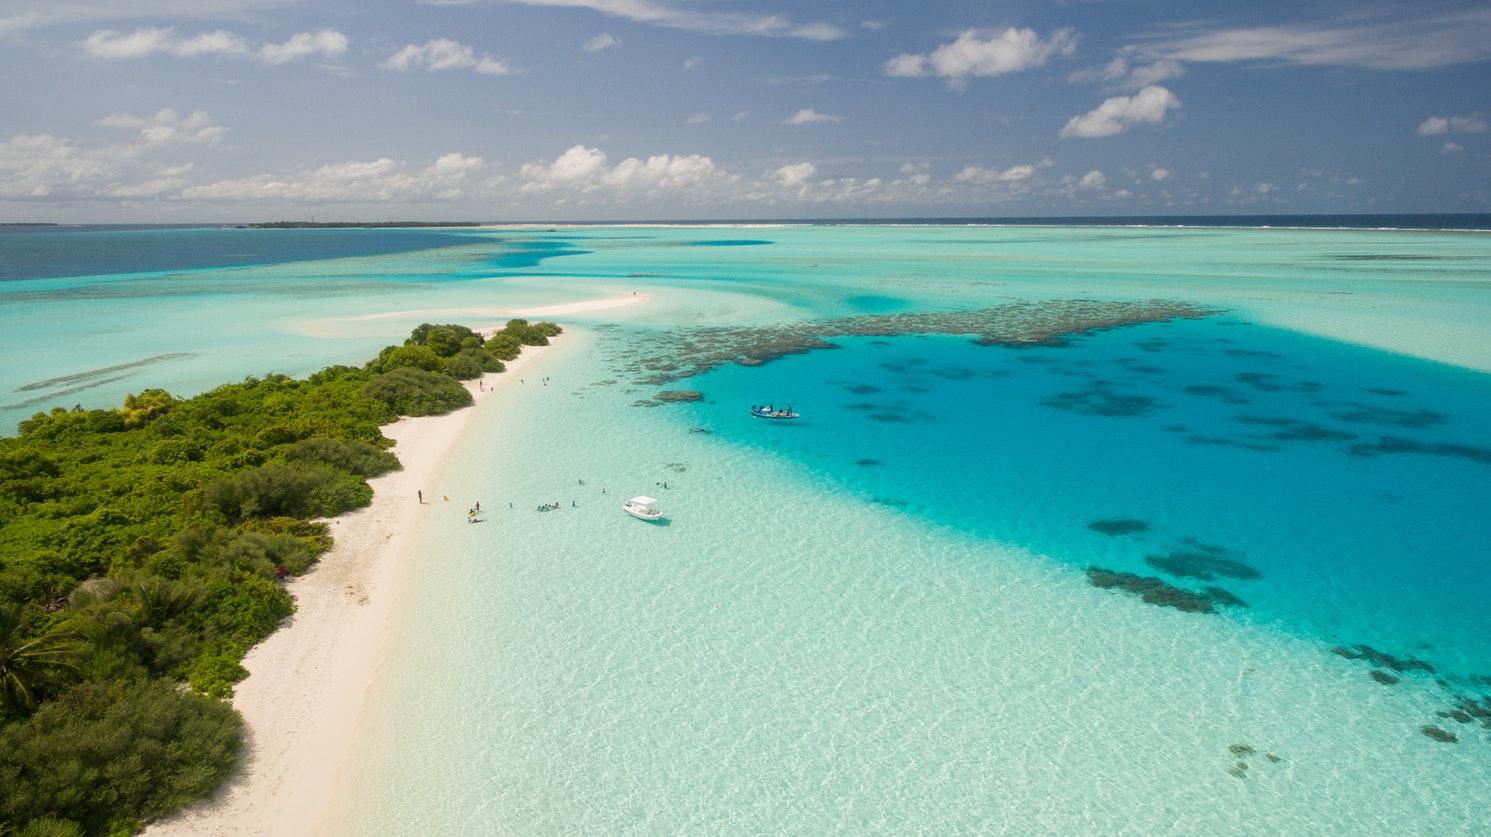 Le spiagge delle Bahamas viaggi di lusso 2018